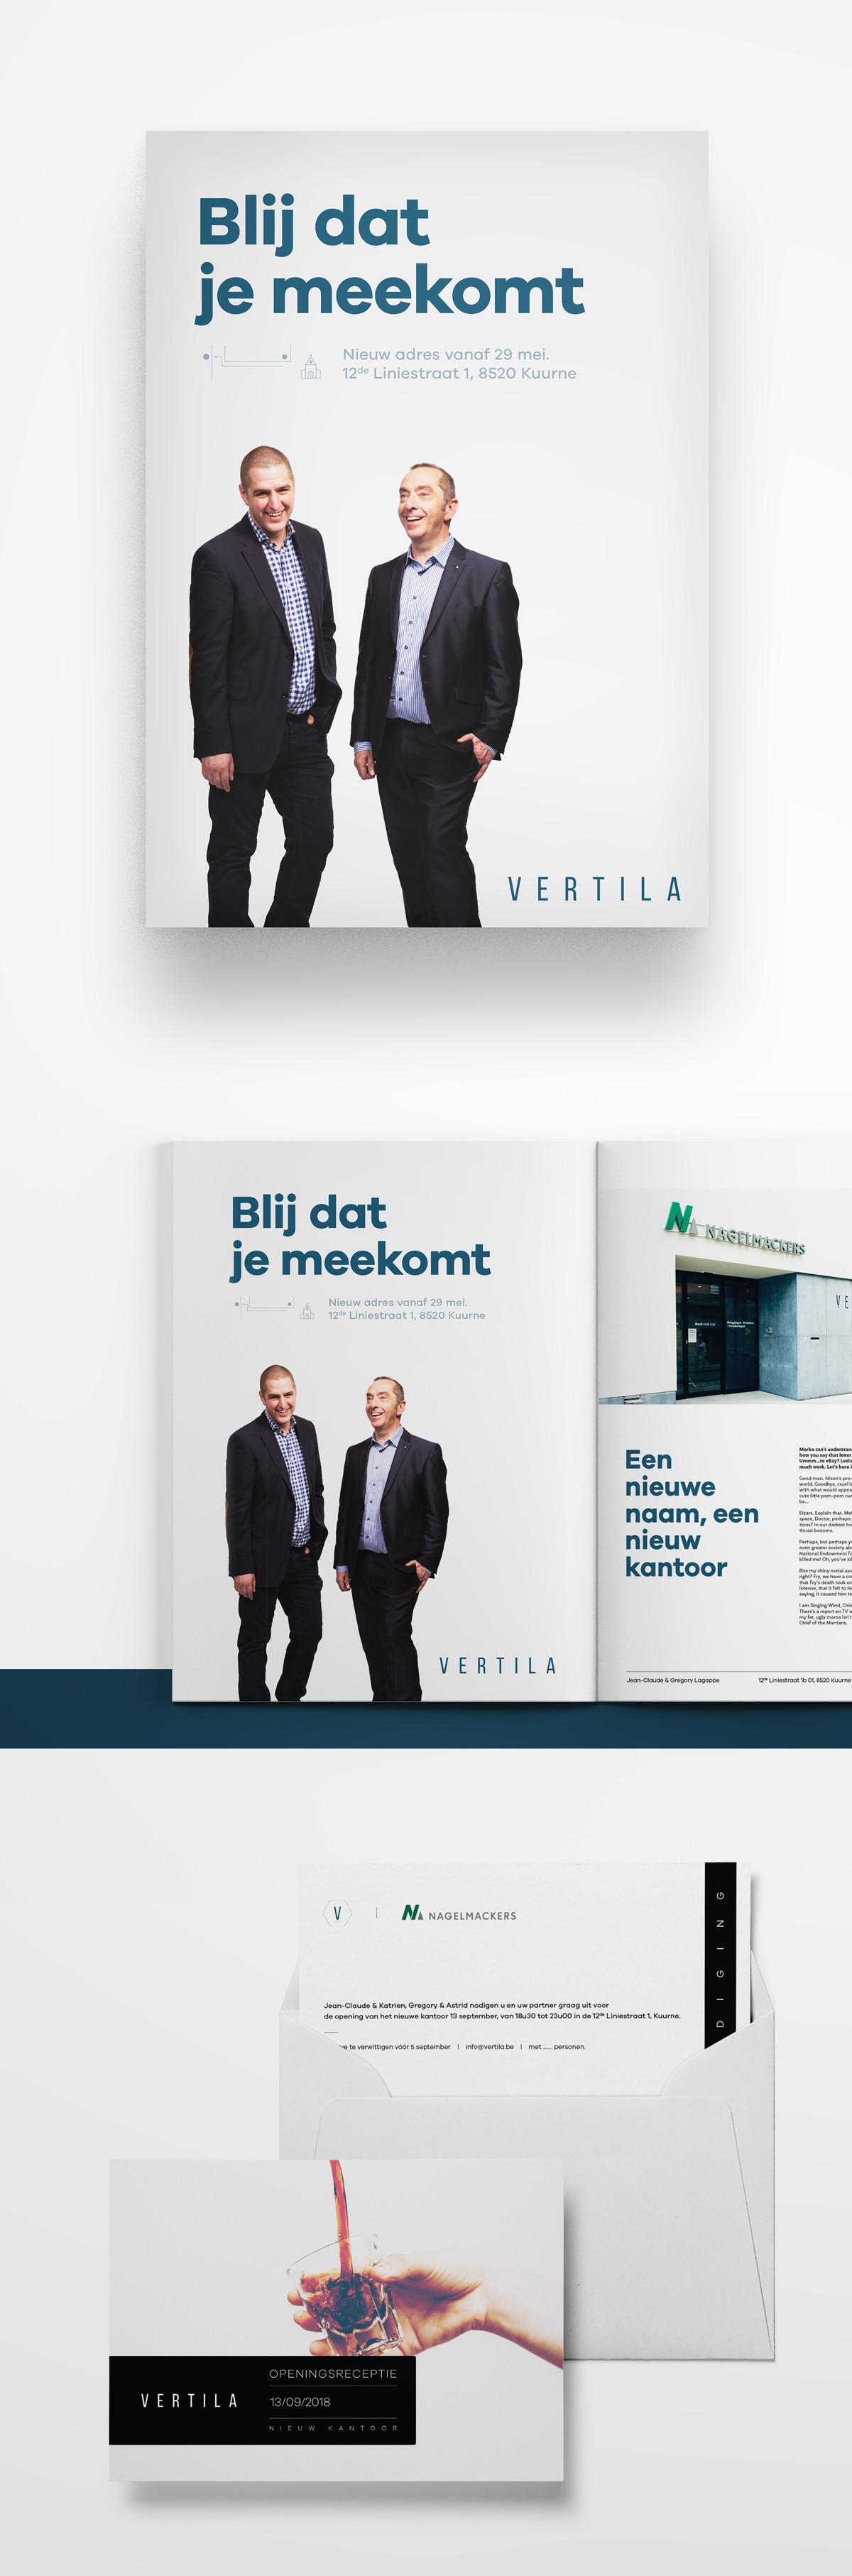 Vertila_Verhuis_Mockups_01.0.jpg